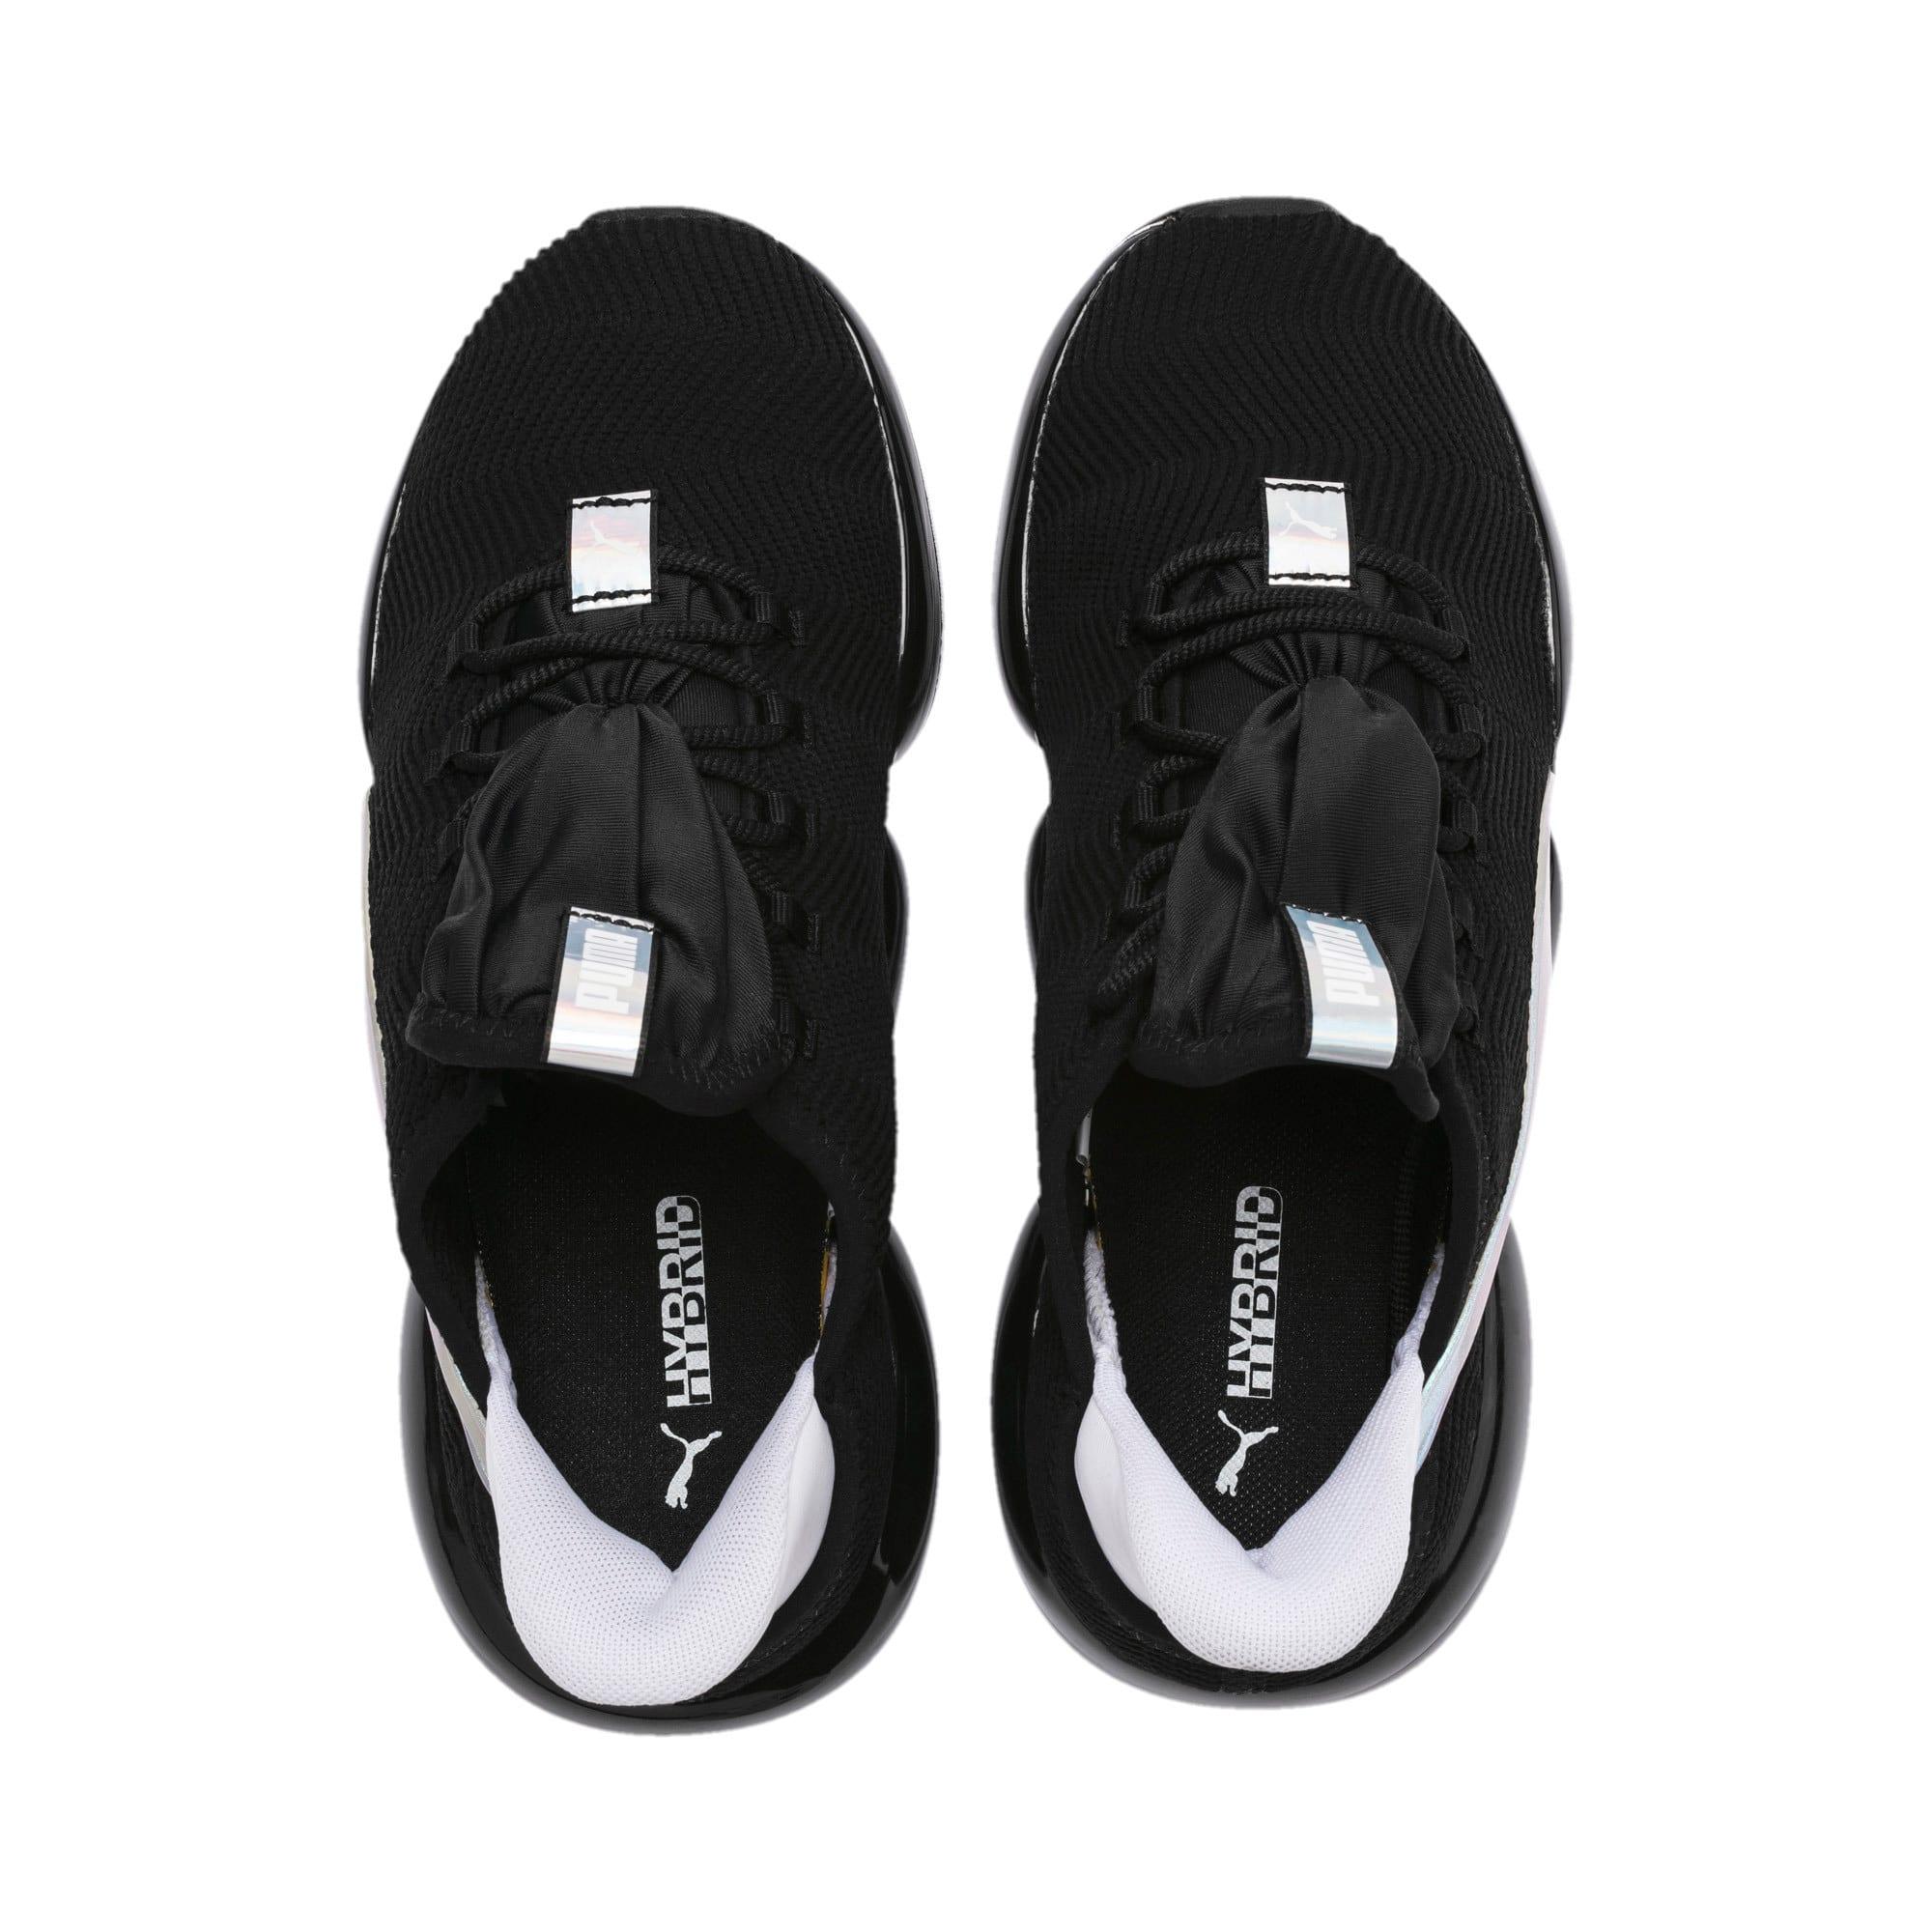 Miniatura 7 de Zapatos de entrenamiento iridiscentes Mode XT Trailblazer para mujer, Puma Black-Puma White, mediano